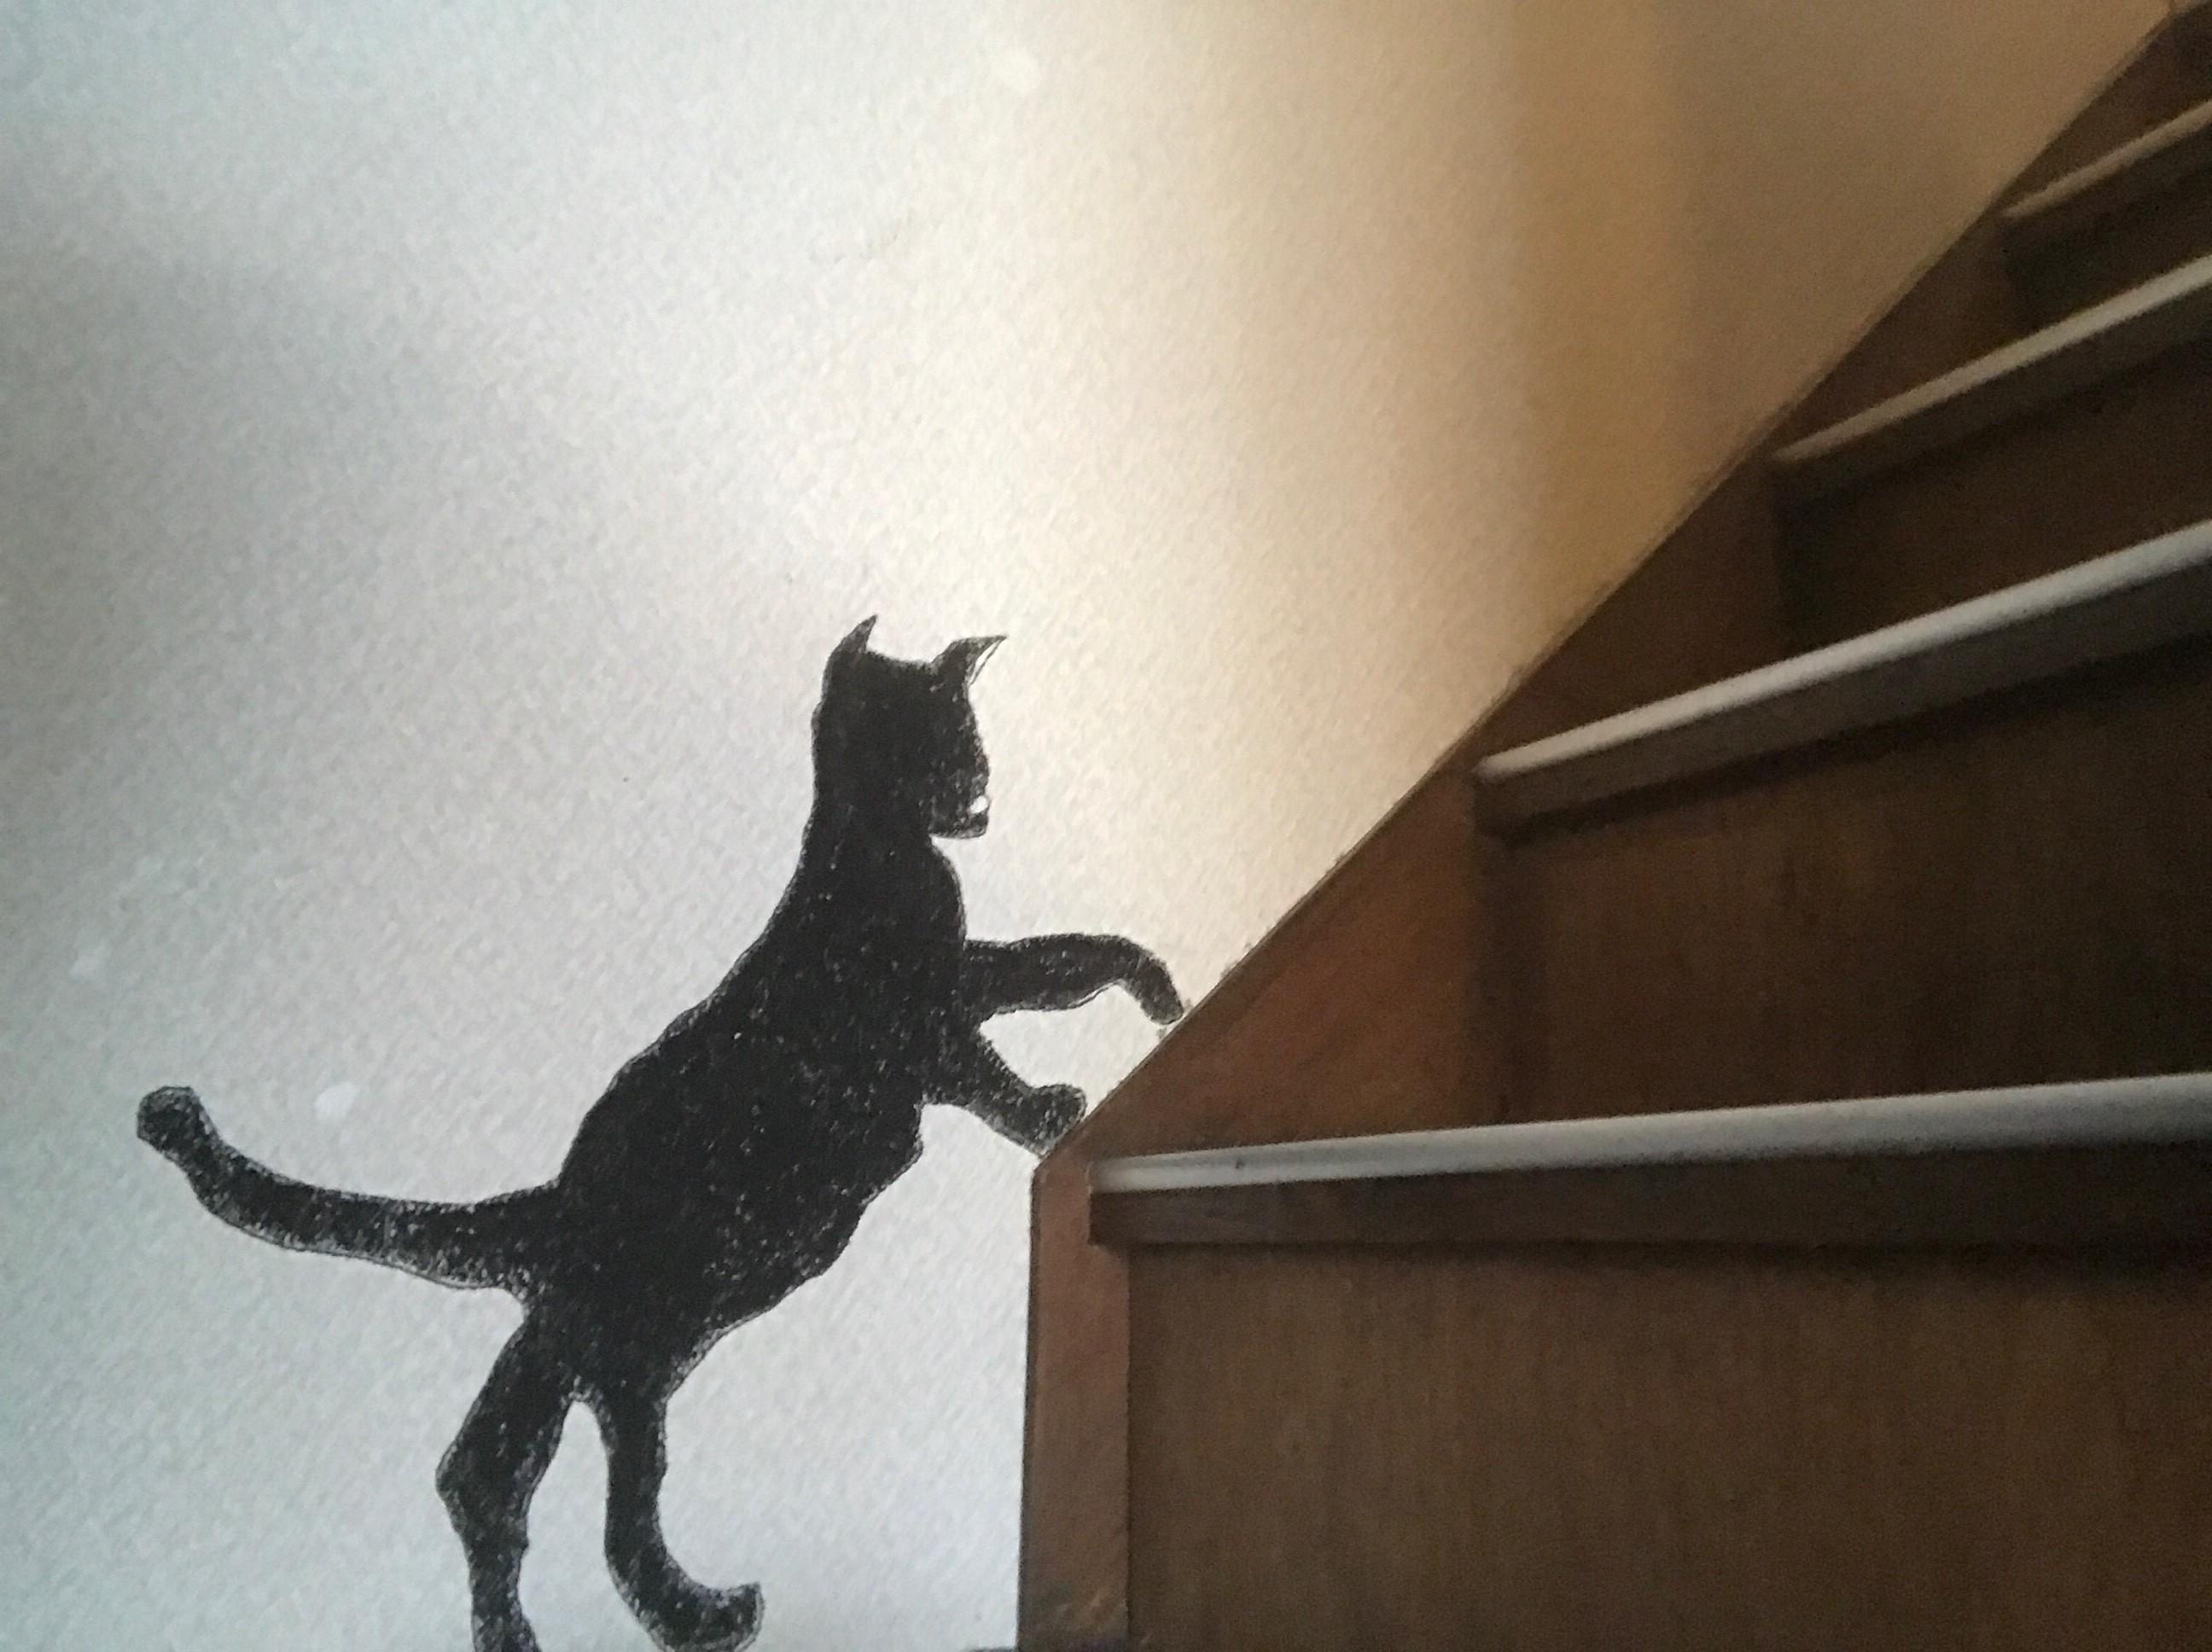 階段を登っていくネコ